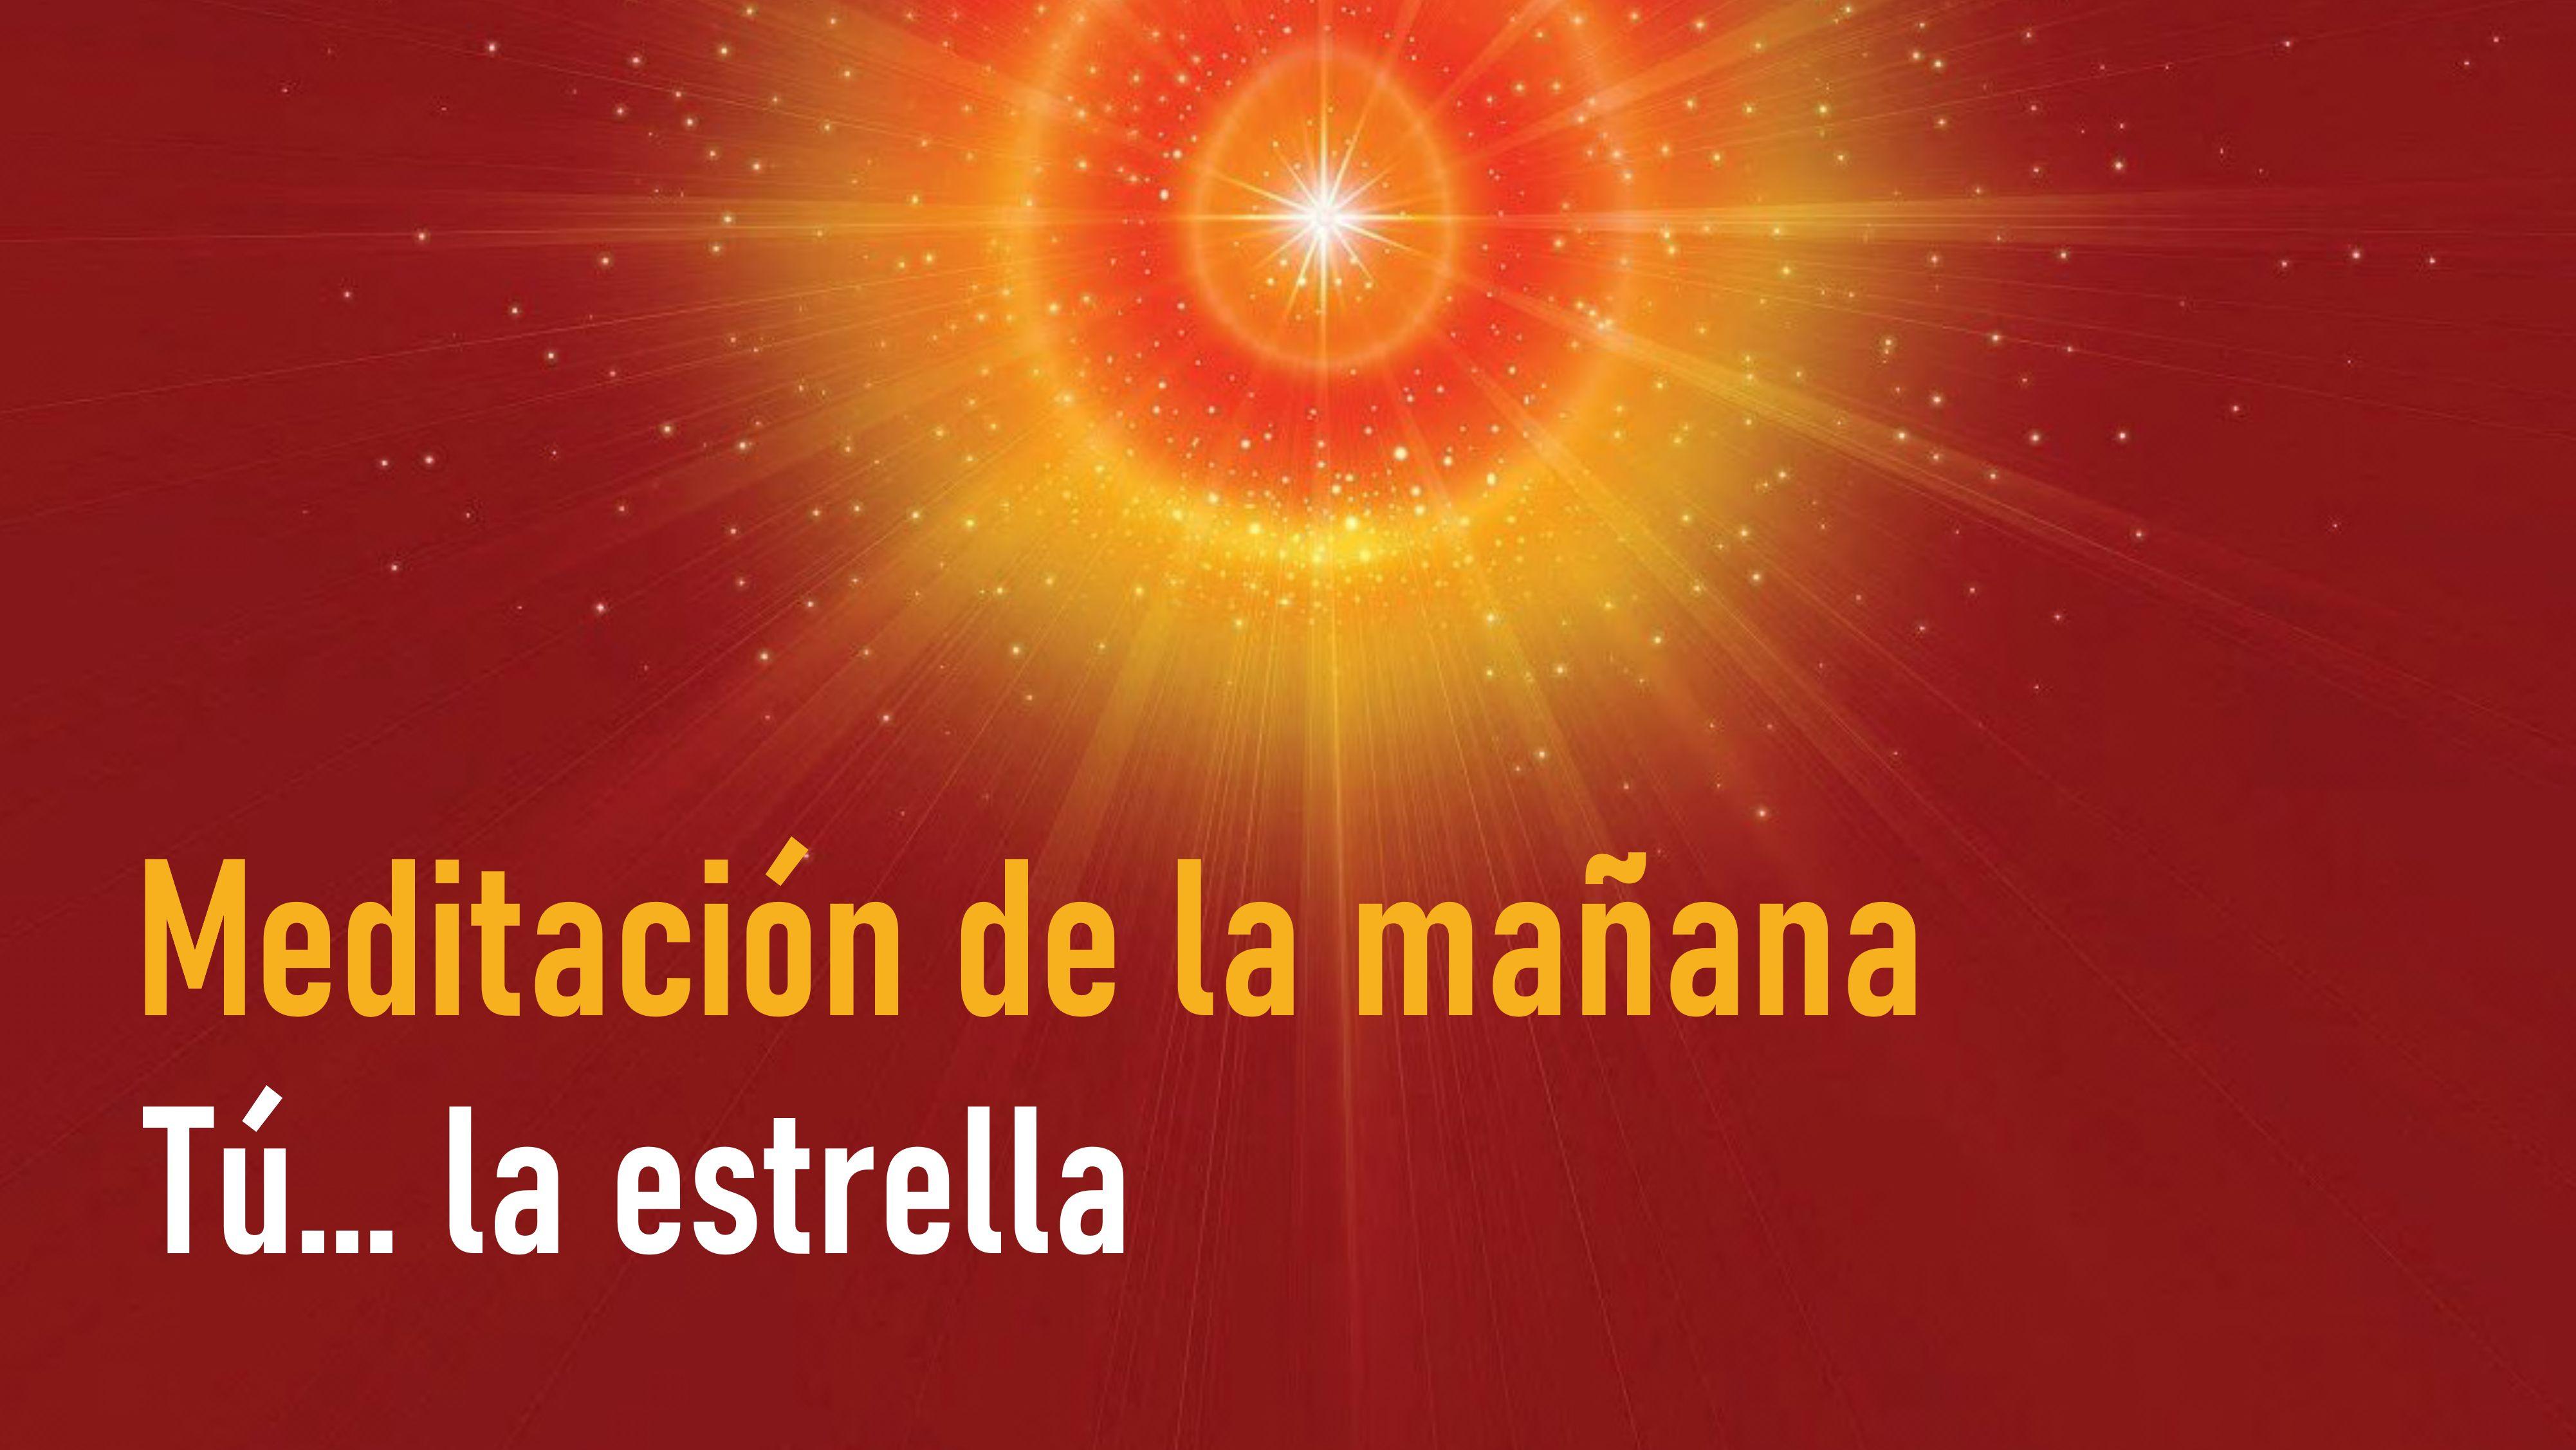 Meditación de la Mañana: Tú...la estrella  (13 Junio 2020)